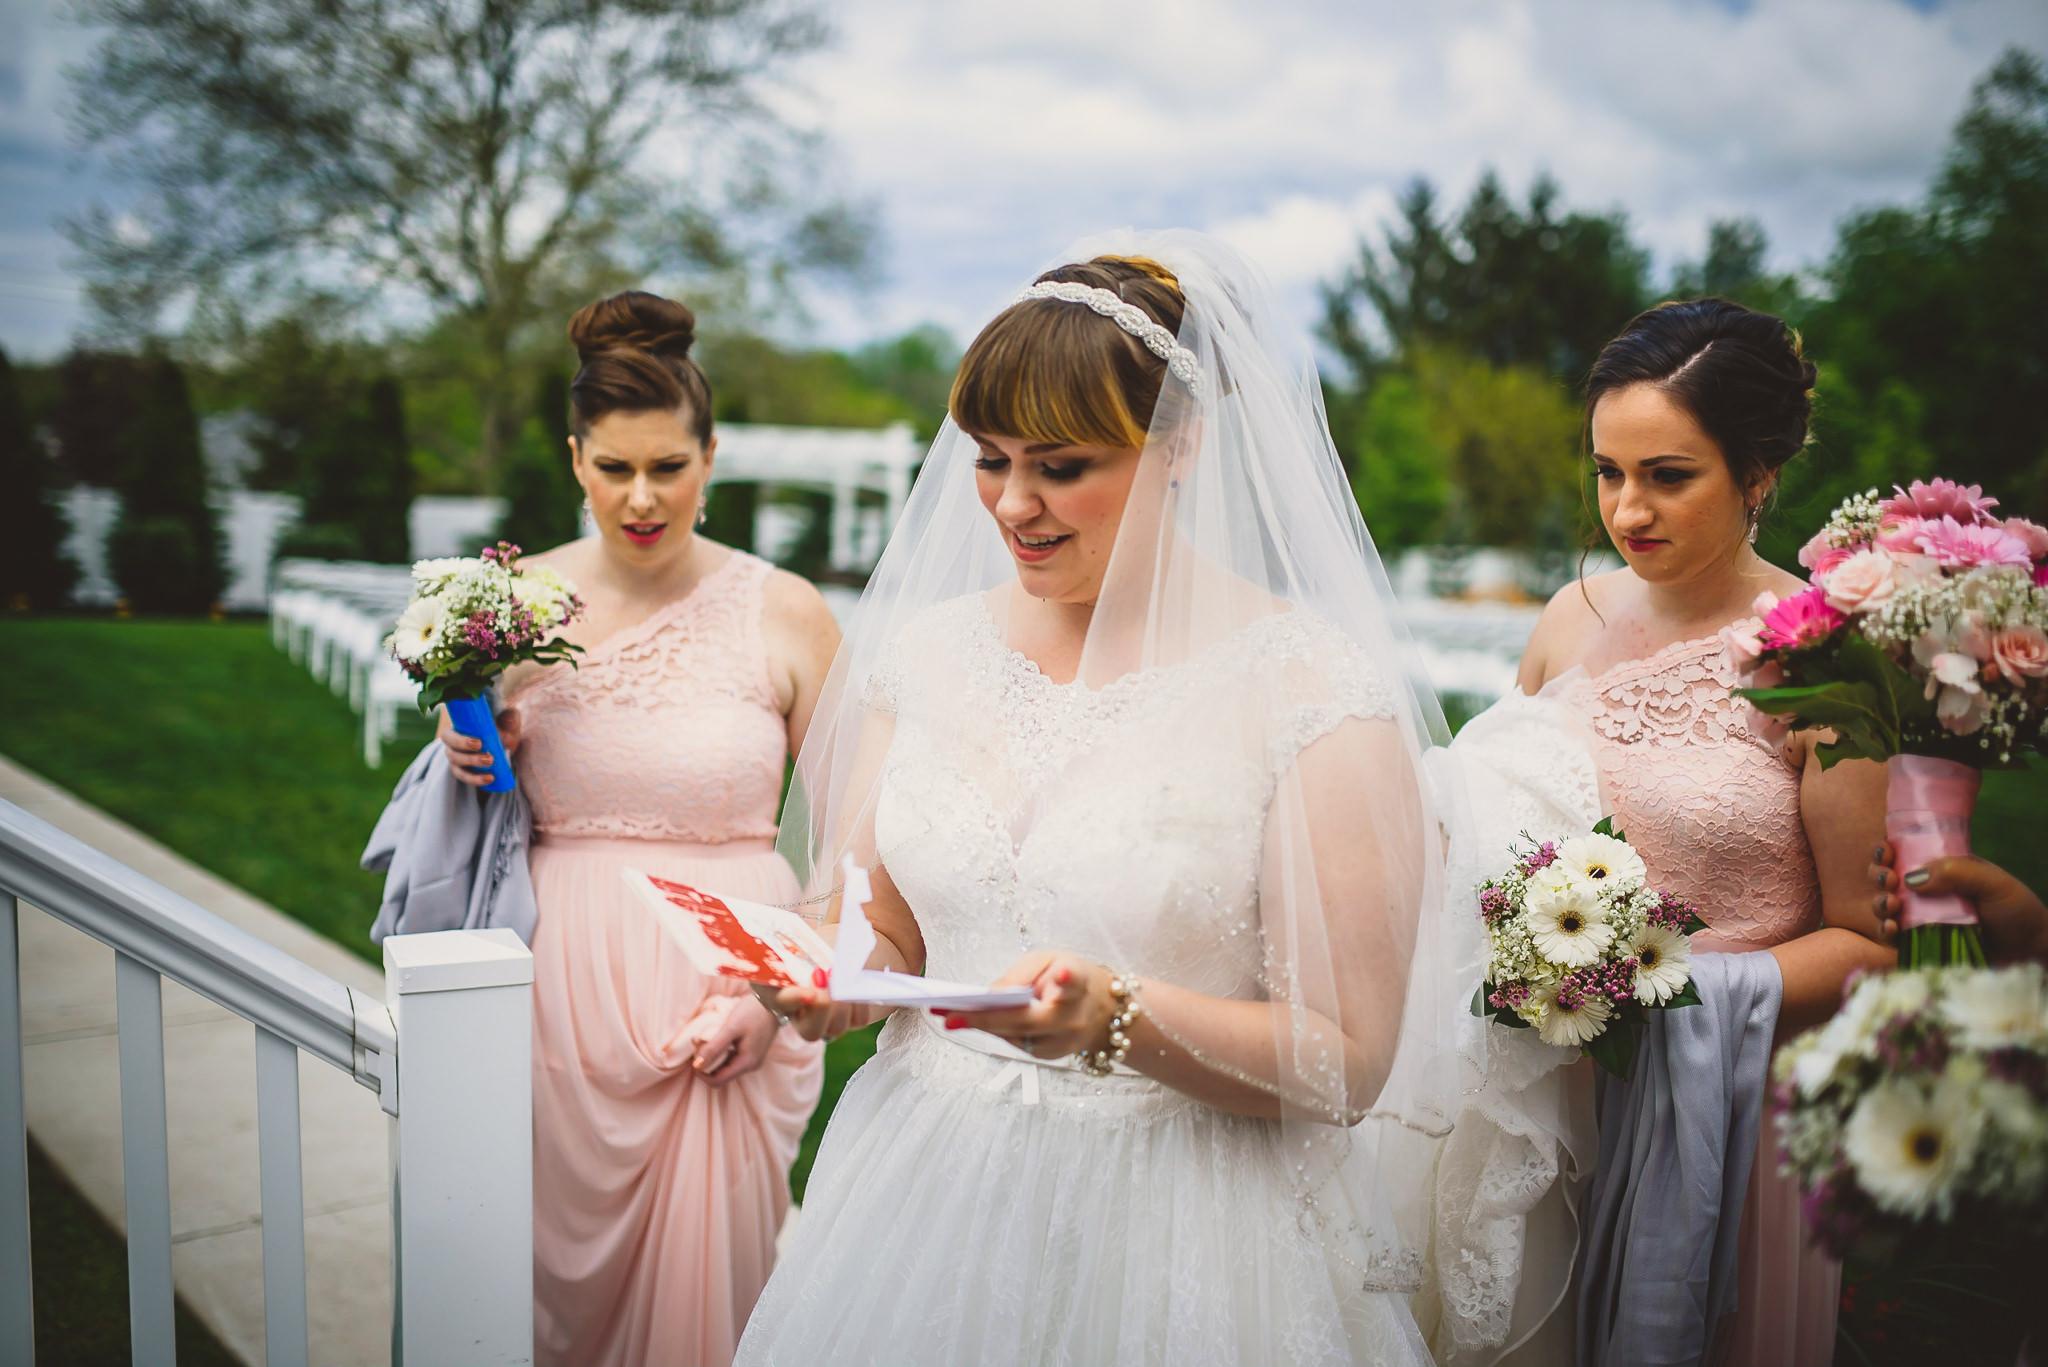 Warrington-Country-Club-Wedding-0015.jpg